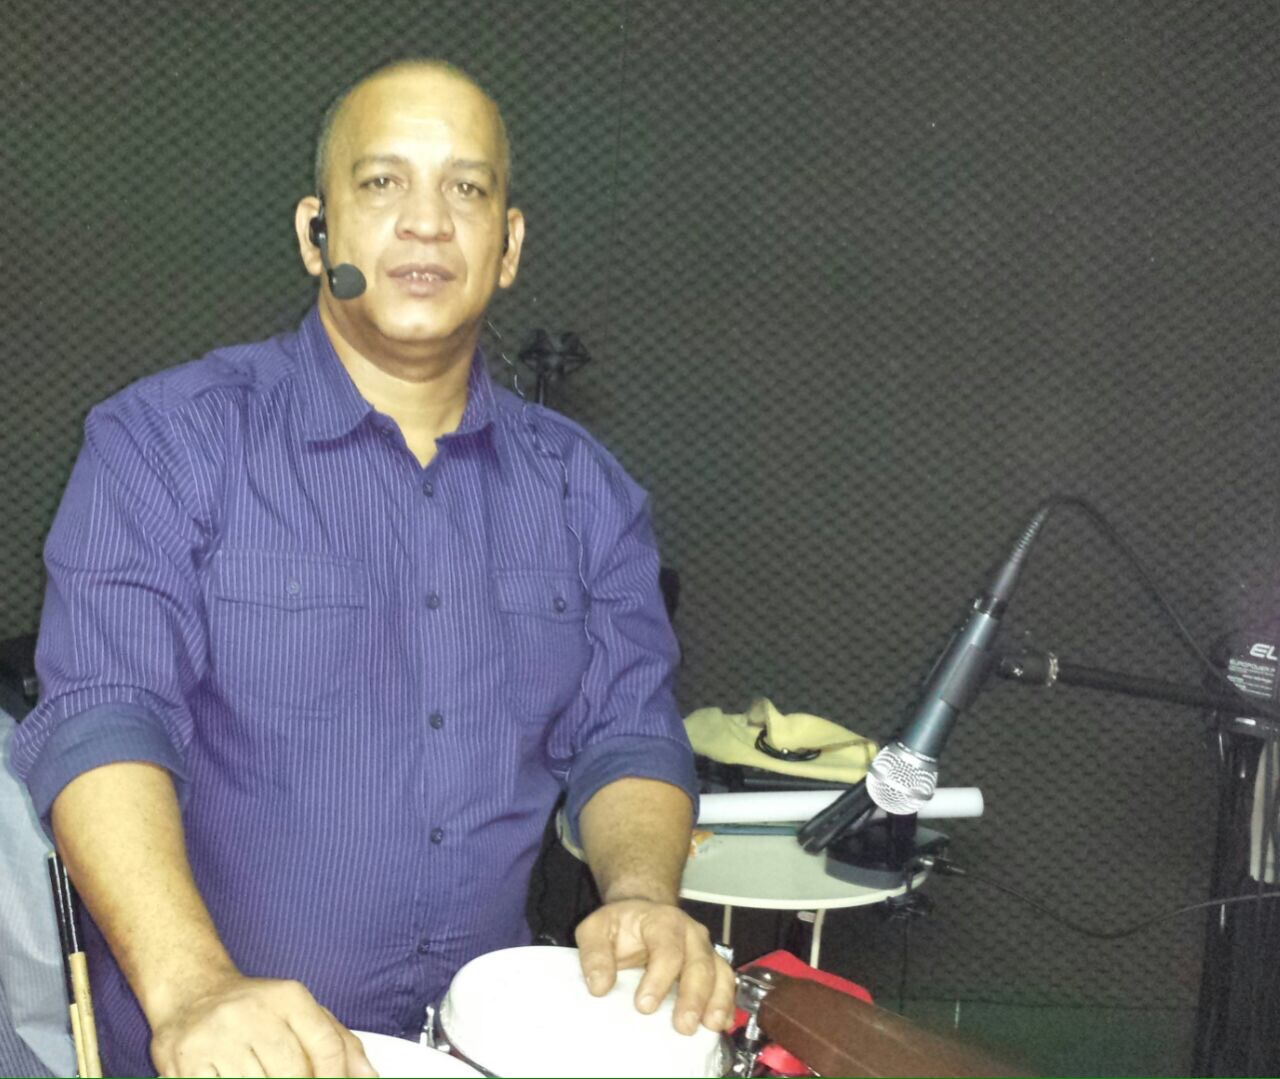 CarlosIzquierdo